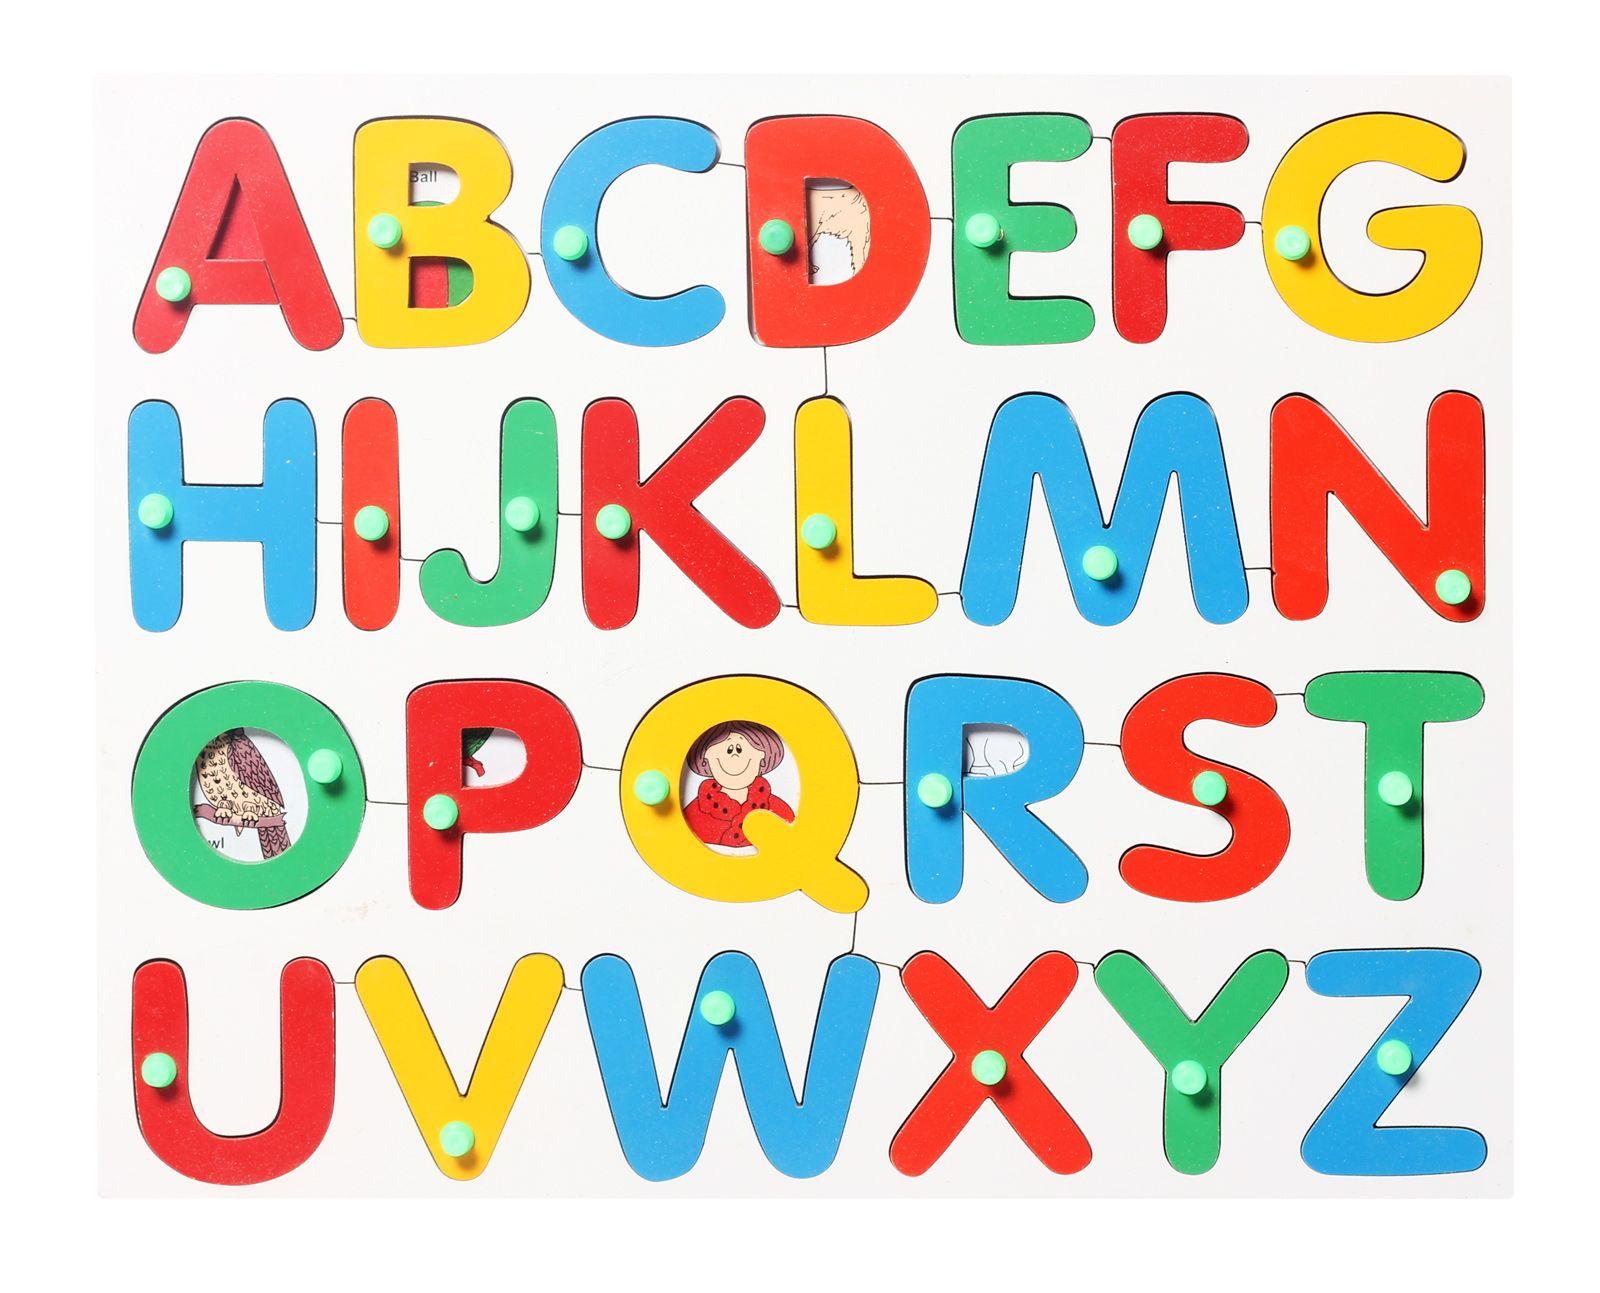 поэтому английский алфавит в красочных картинках судьба